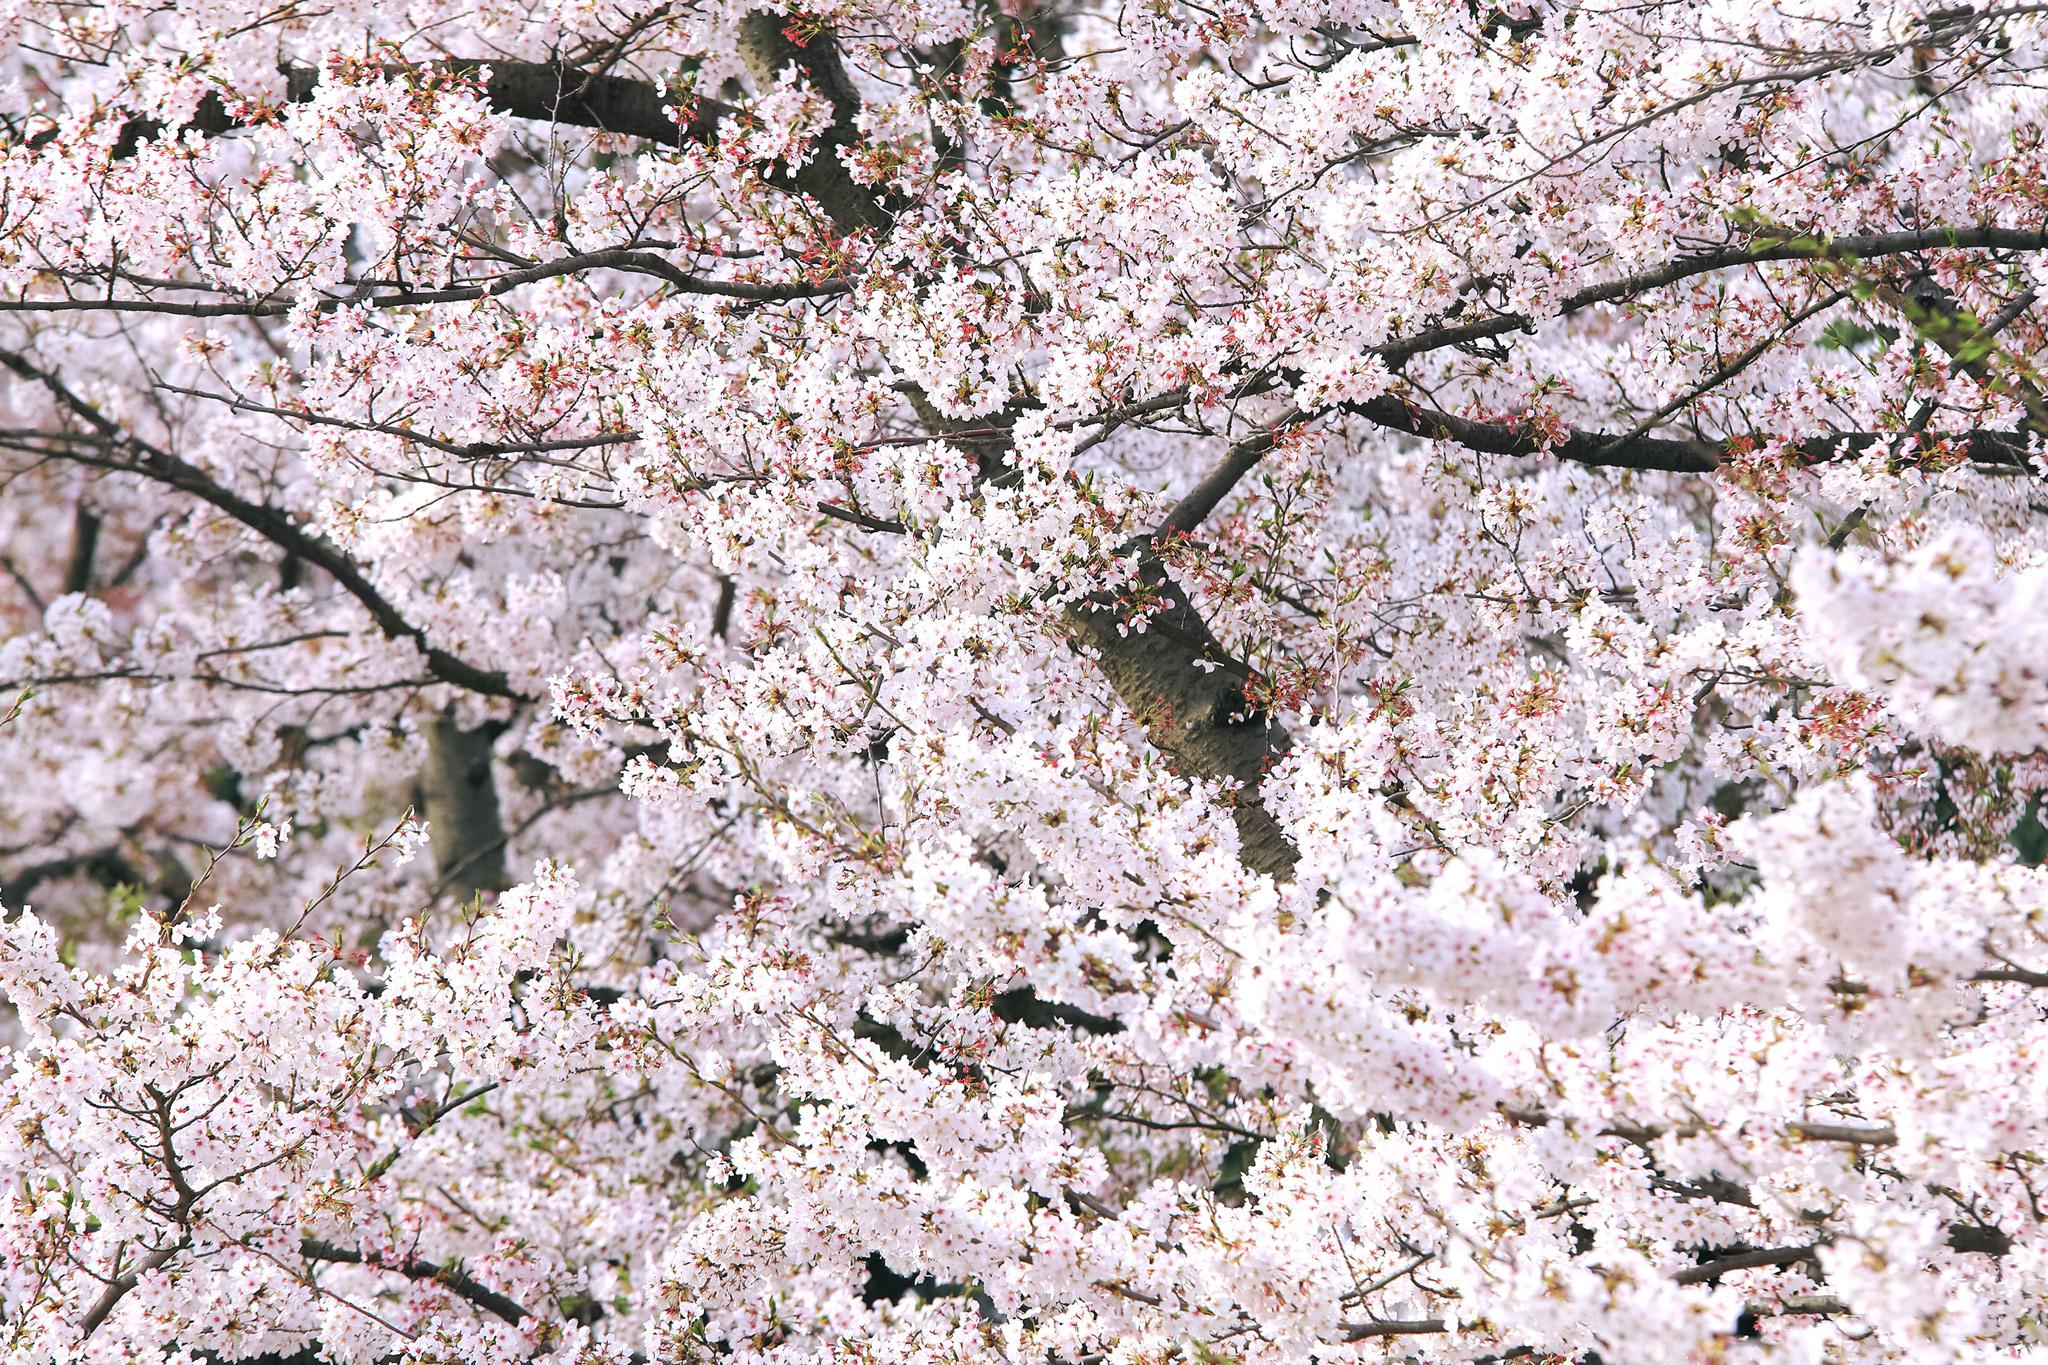 「無数の花と蕾をつける桜の枝」